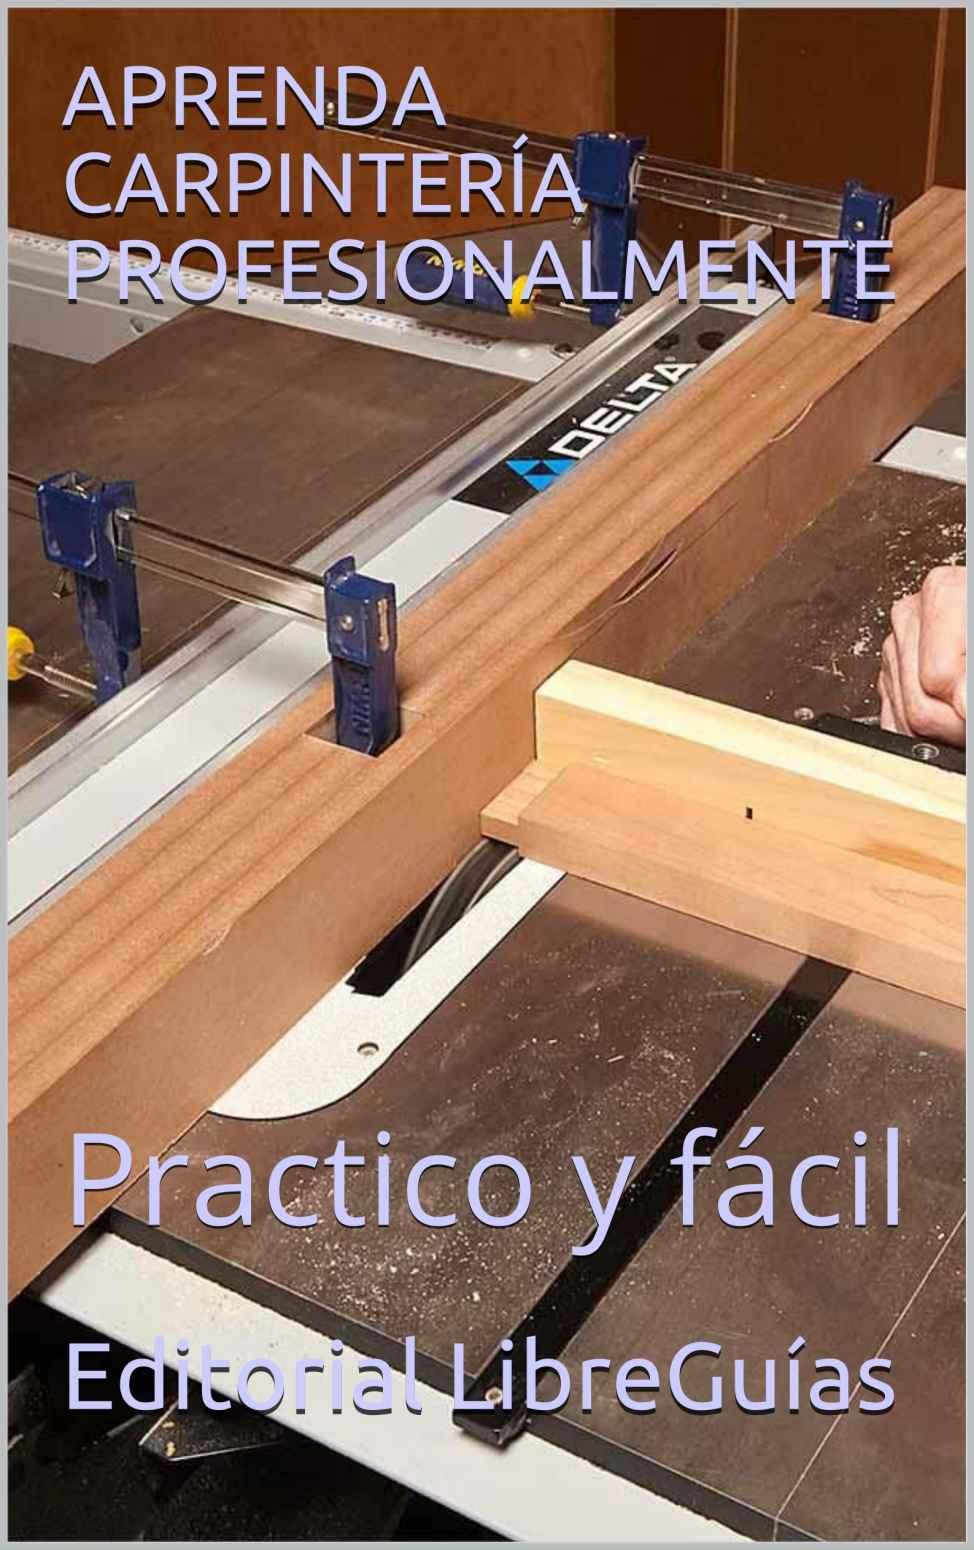 Aprenda carpintería profesionalmente de Editorial LibreGuías